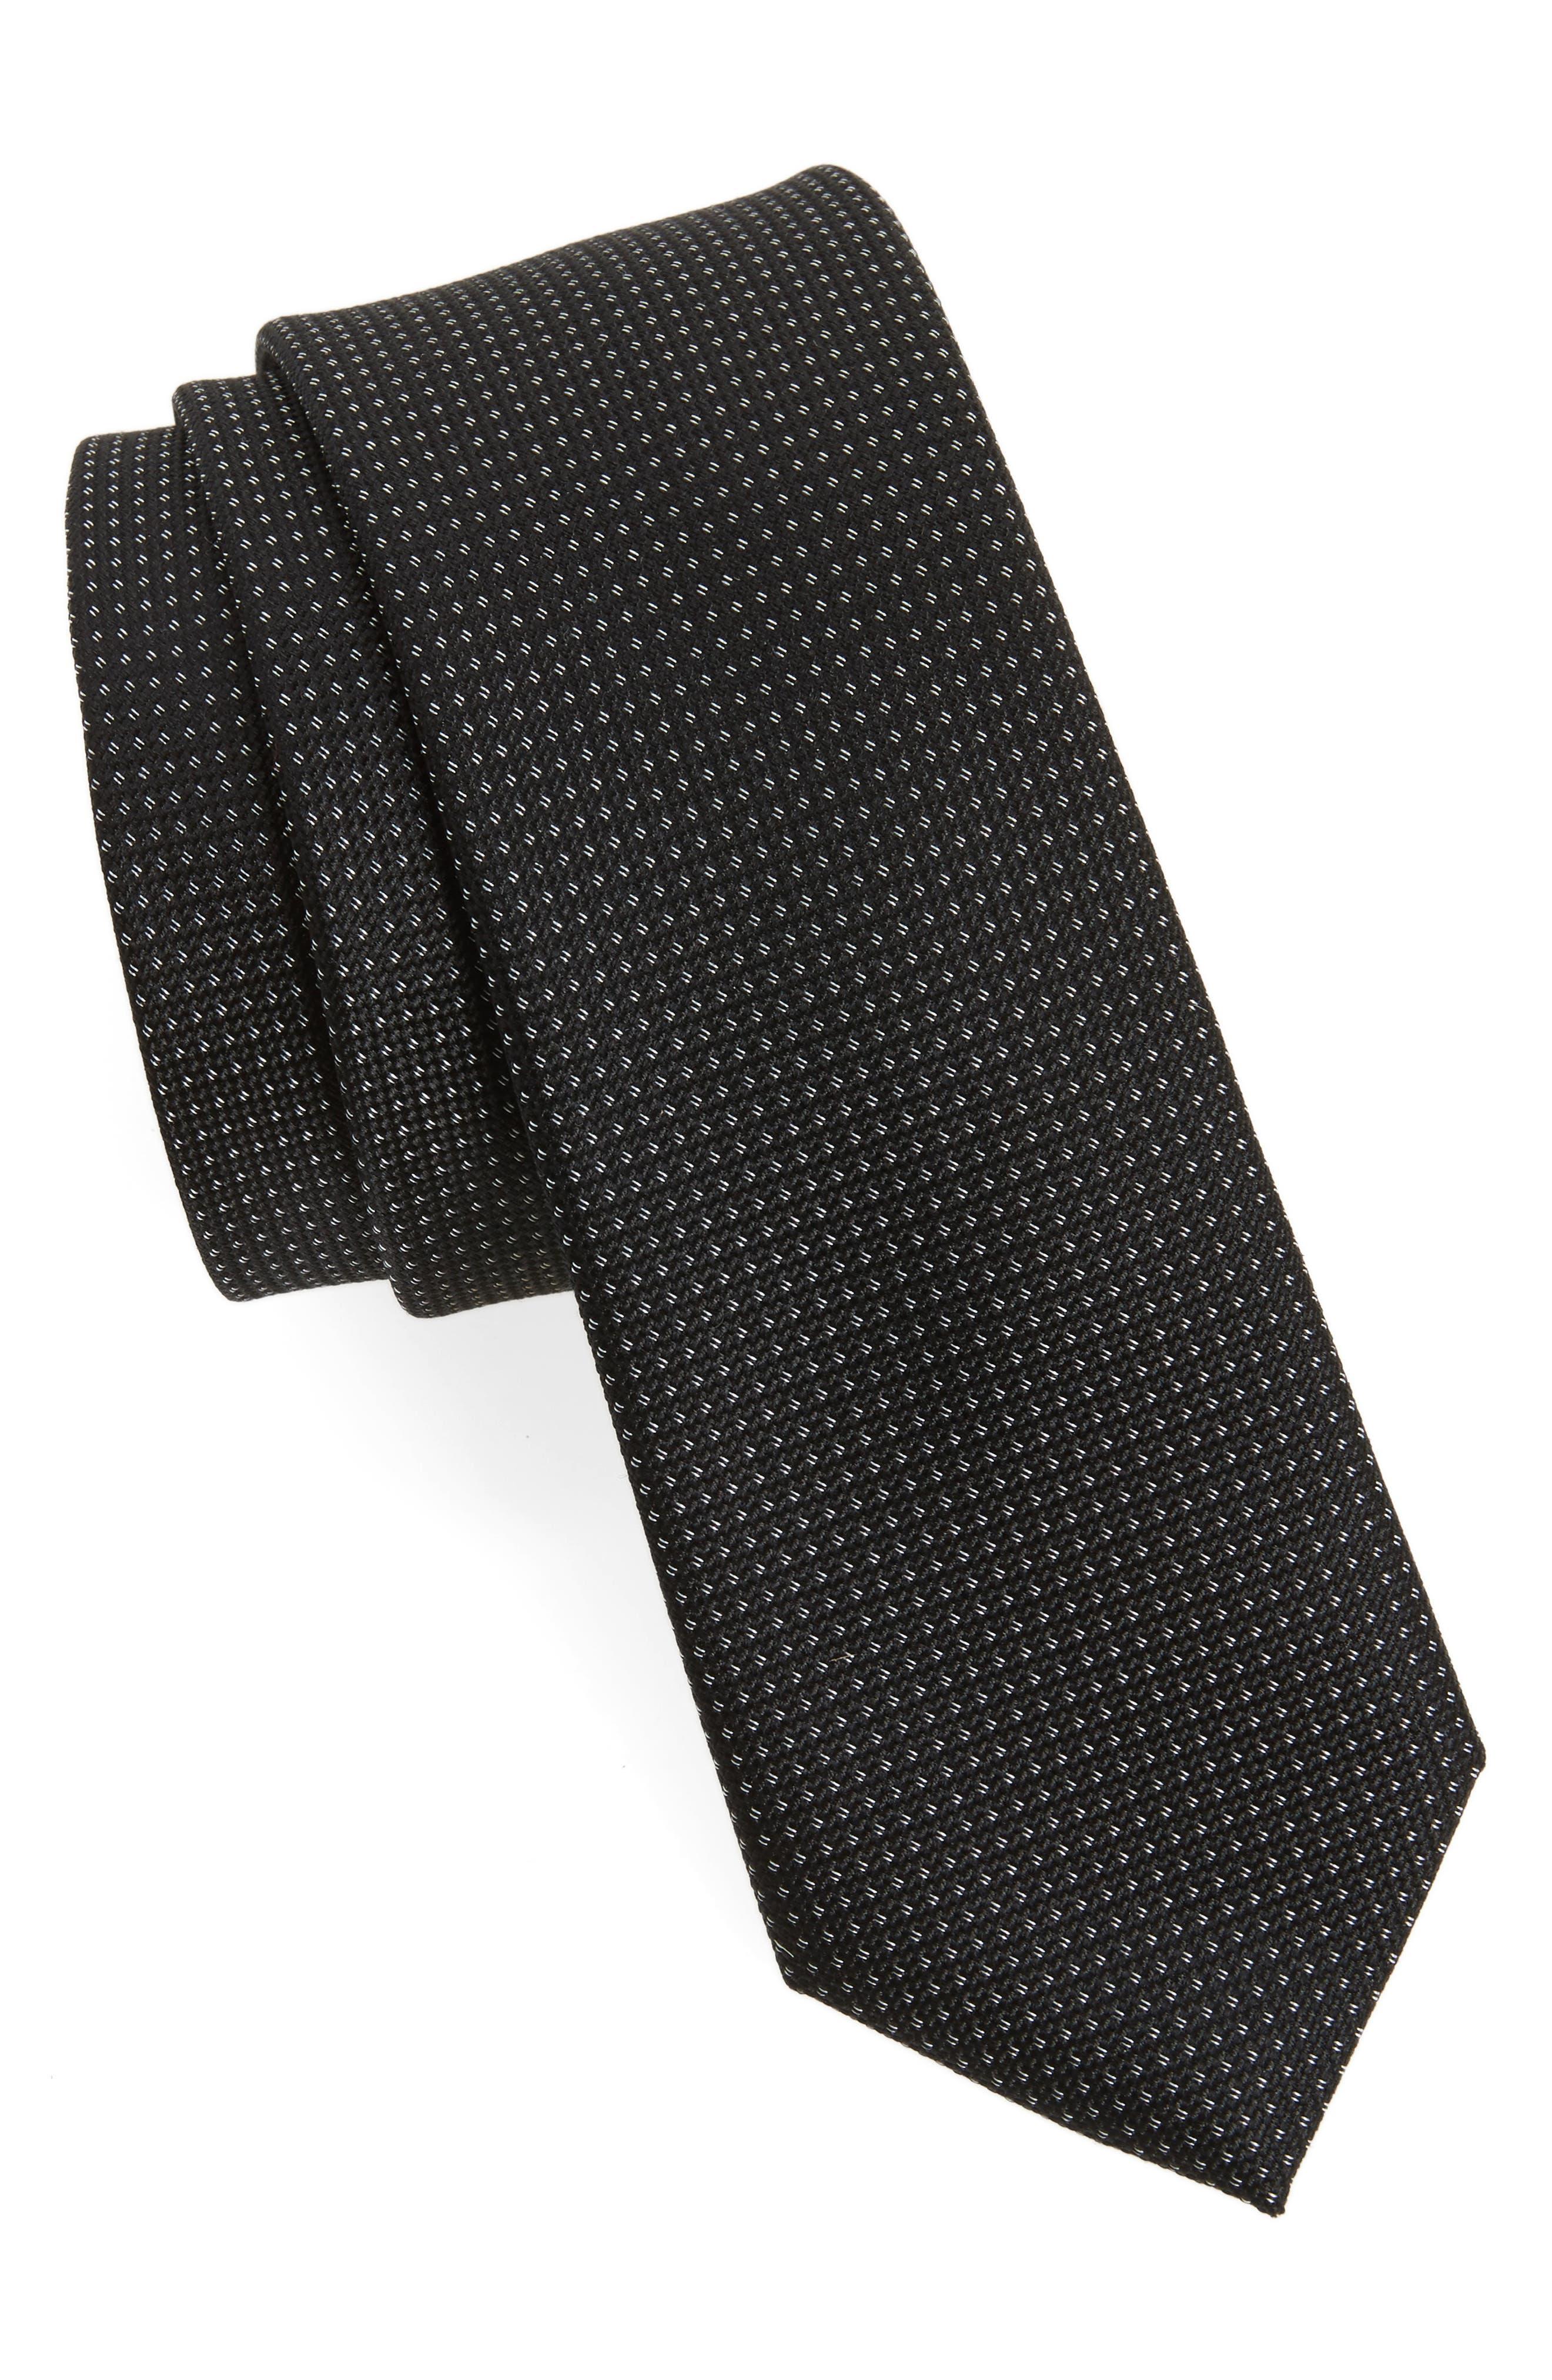 Main Image - Calibrate Black & White Silk Tie